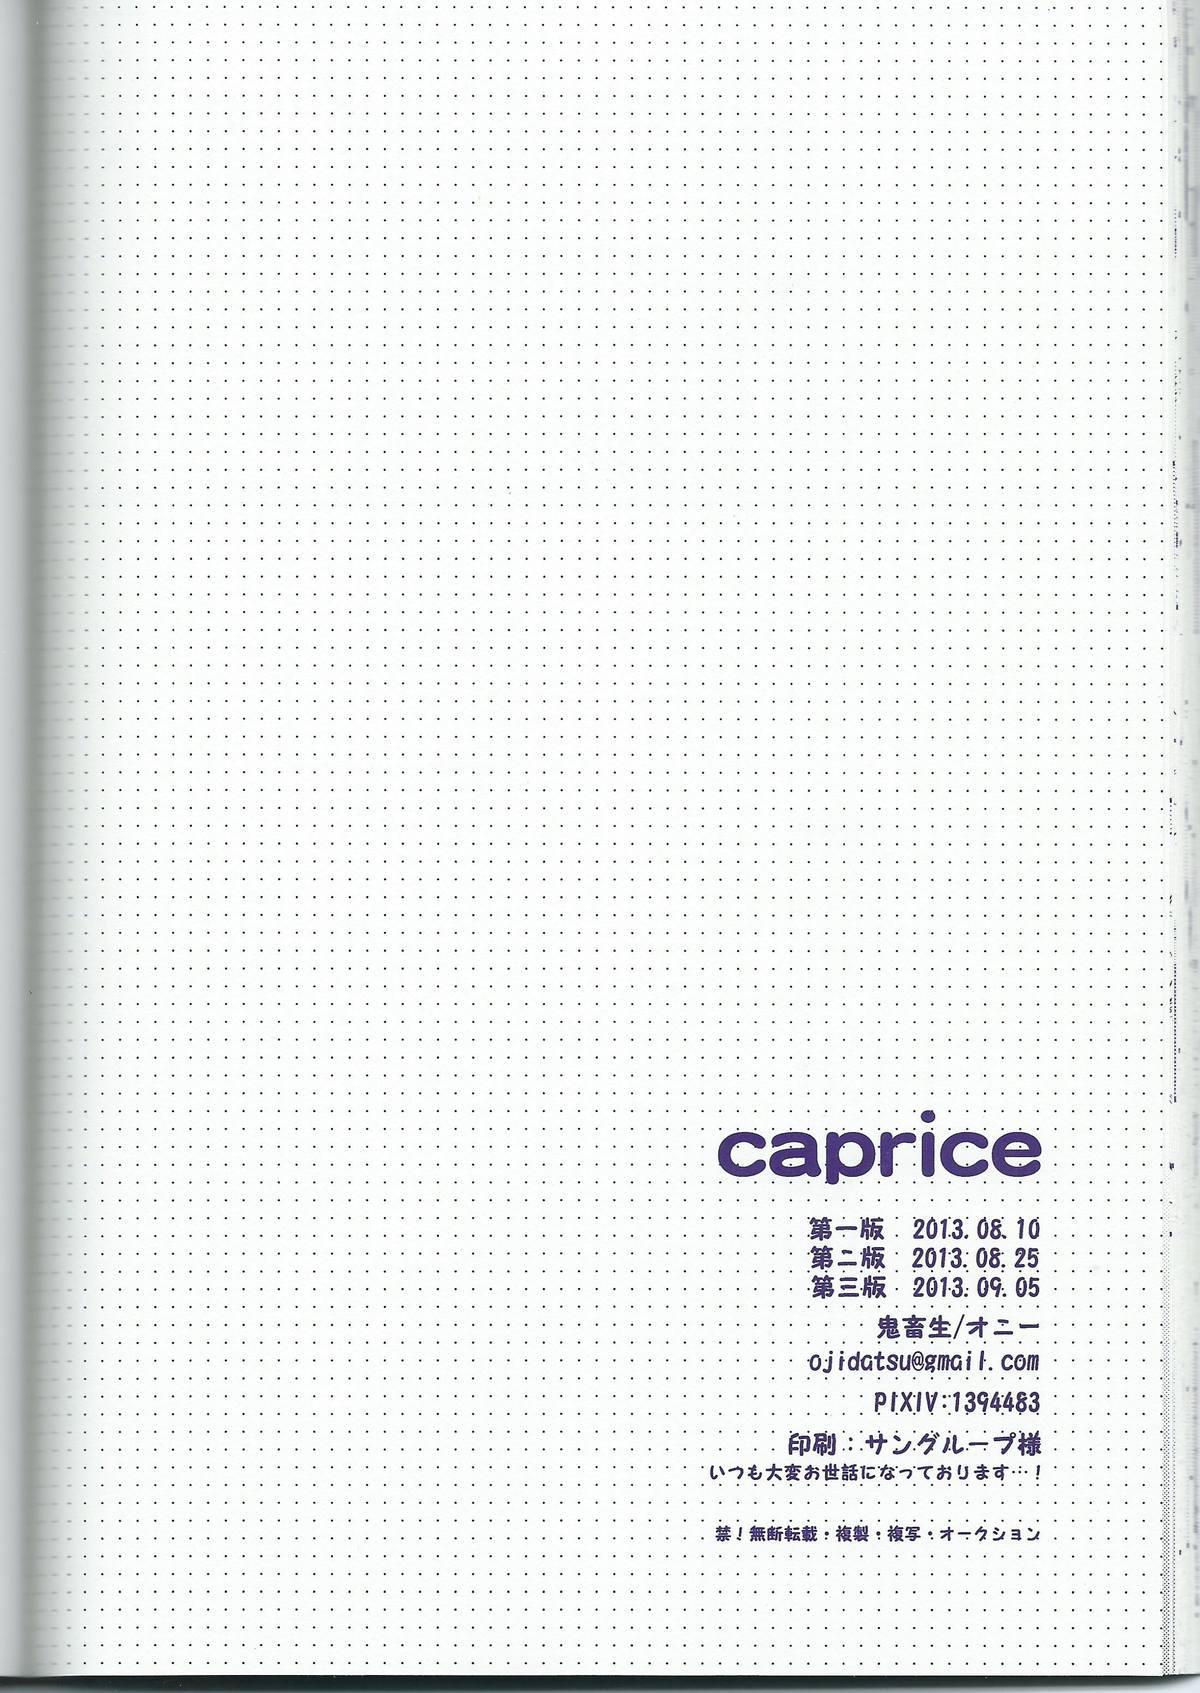 caprice 38